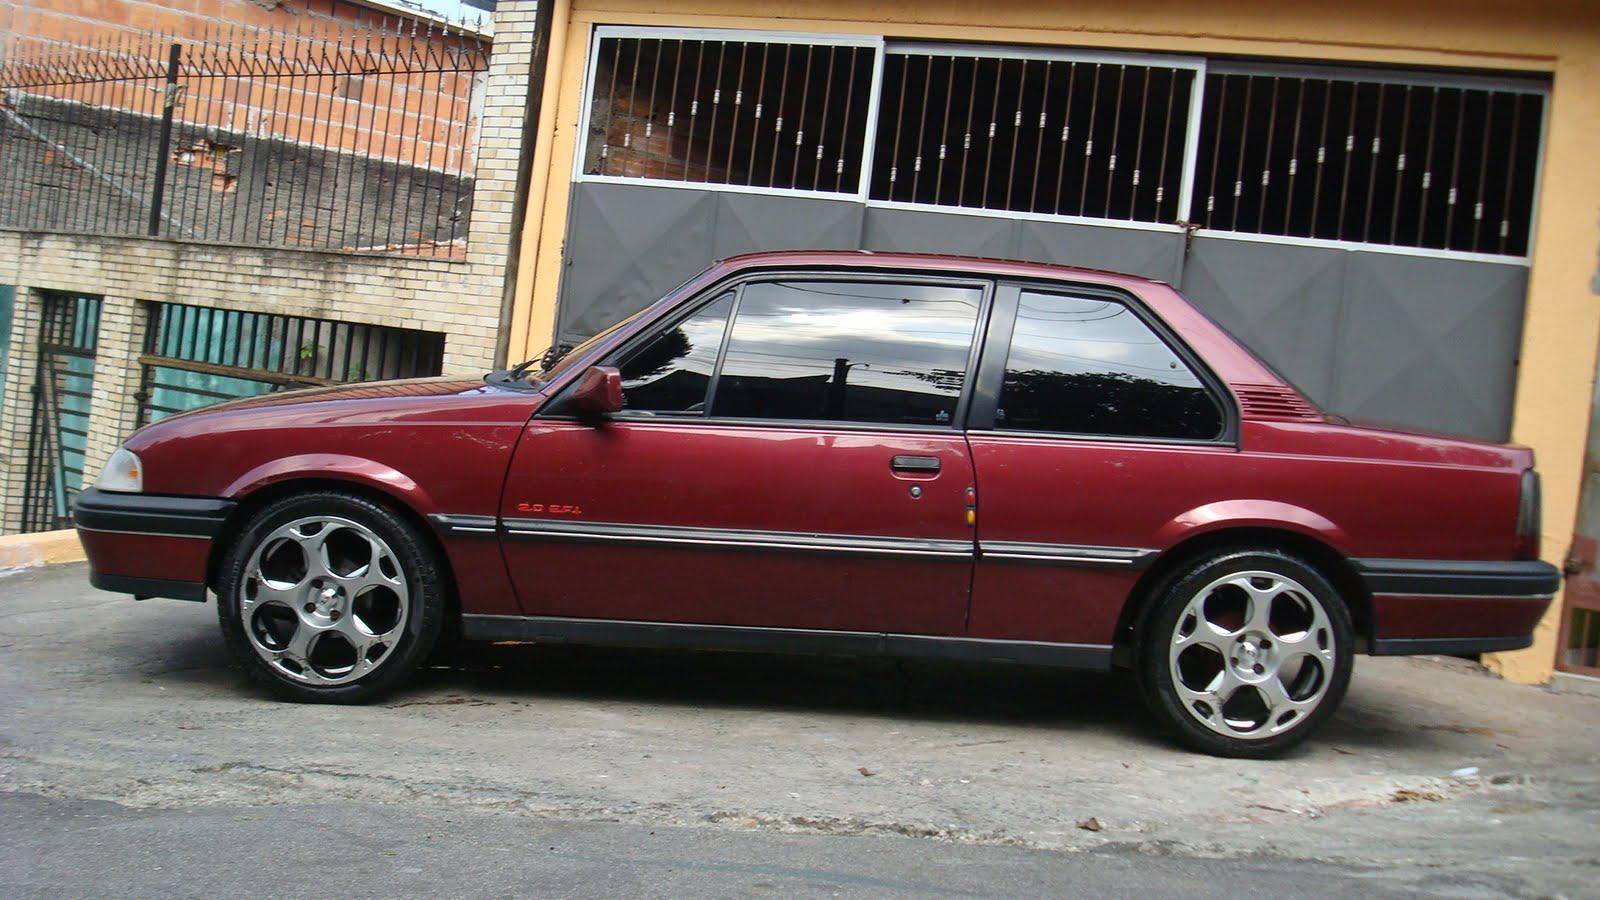 Chevrolet Monza Carros Tuning